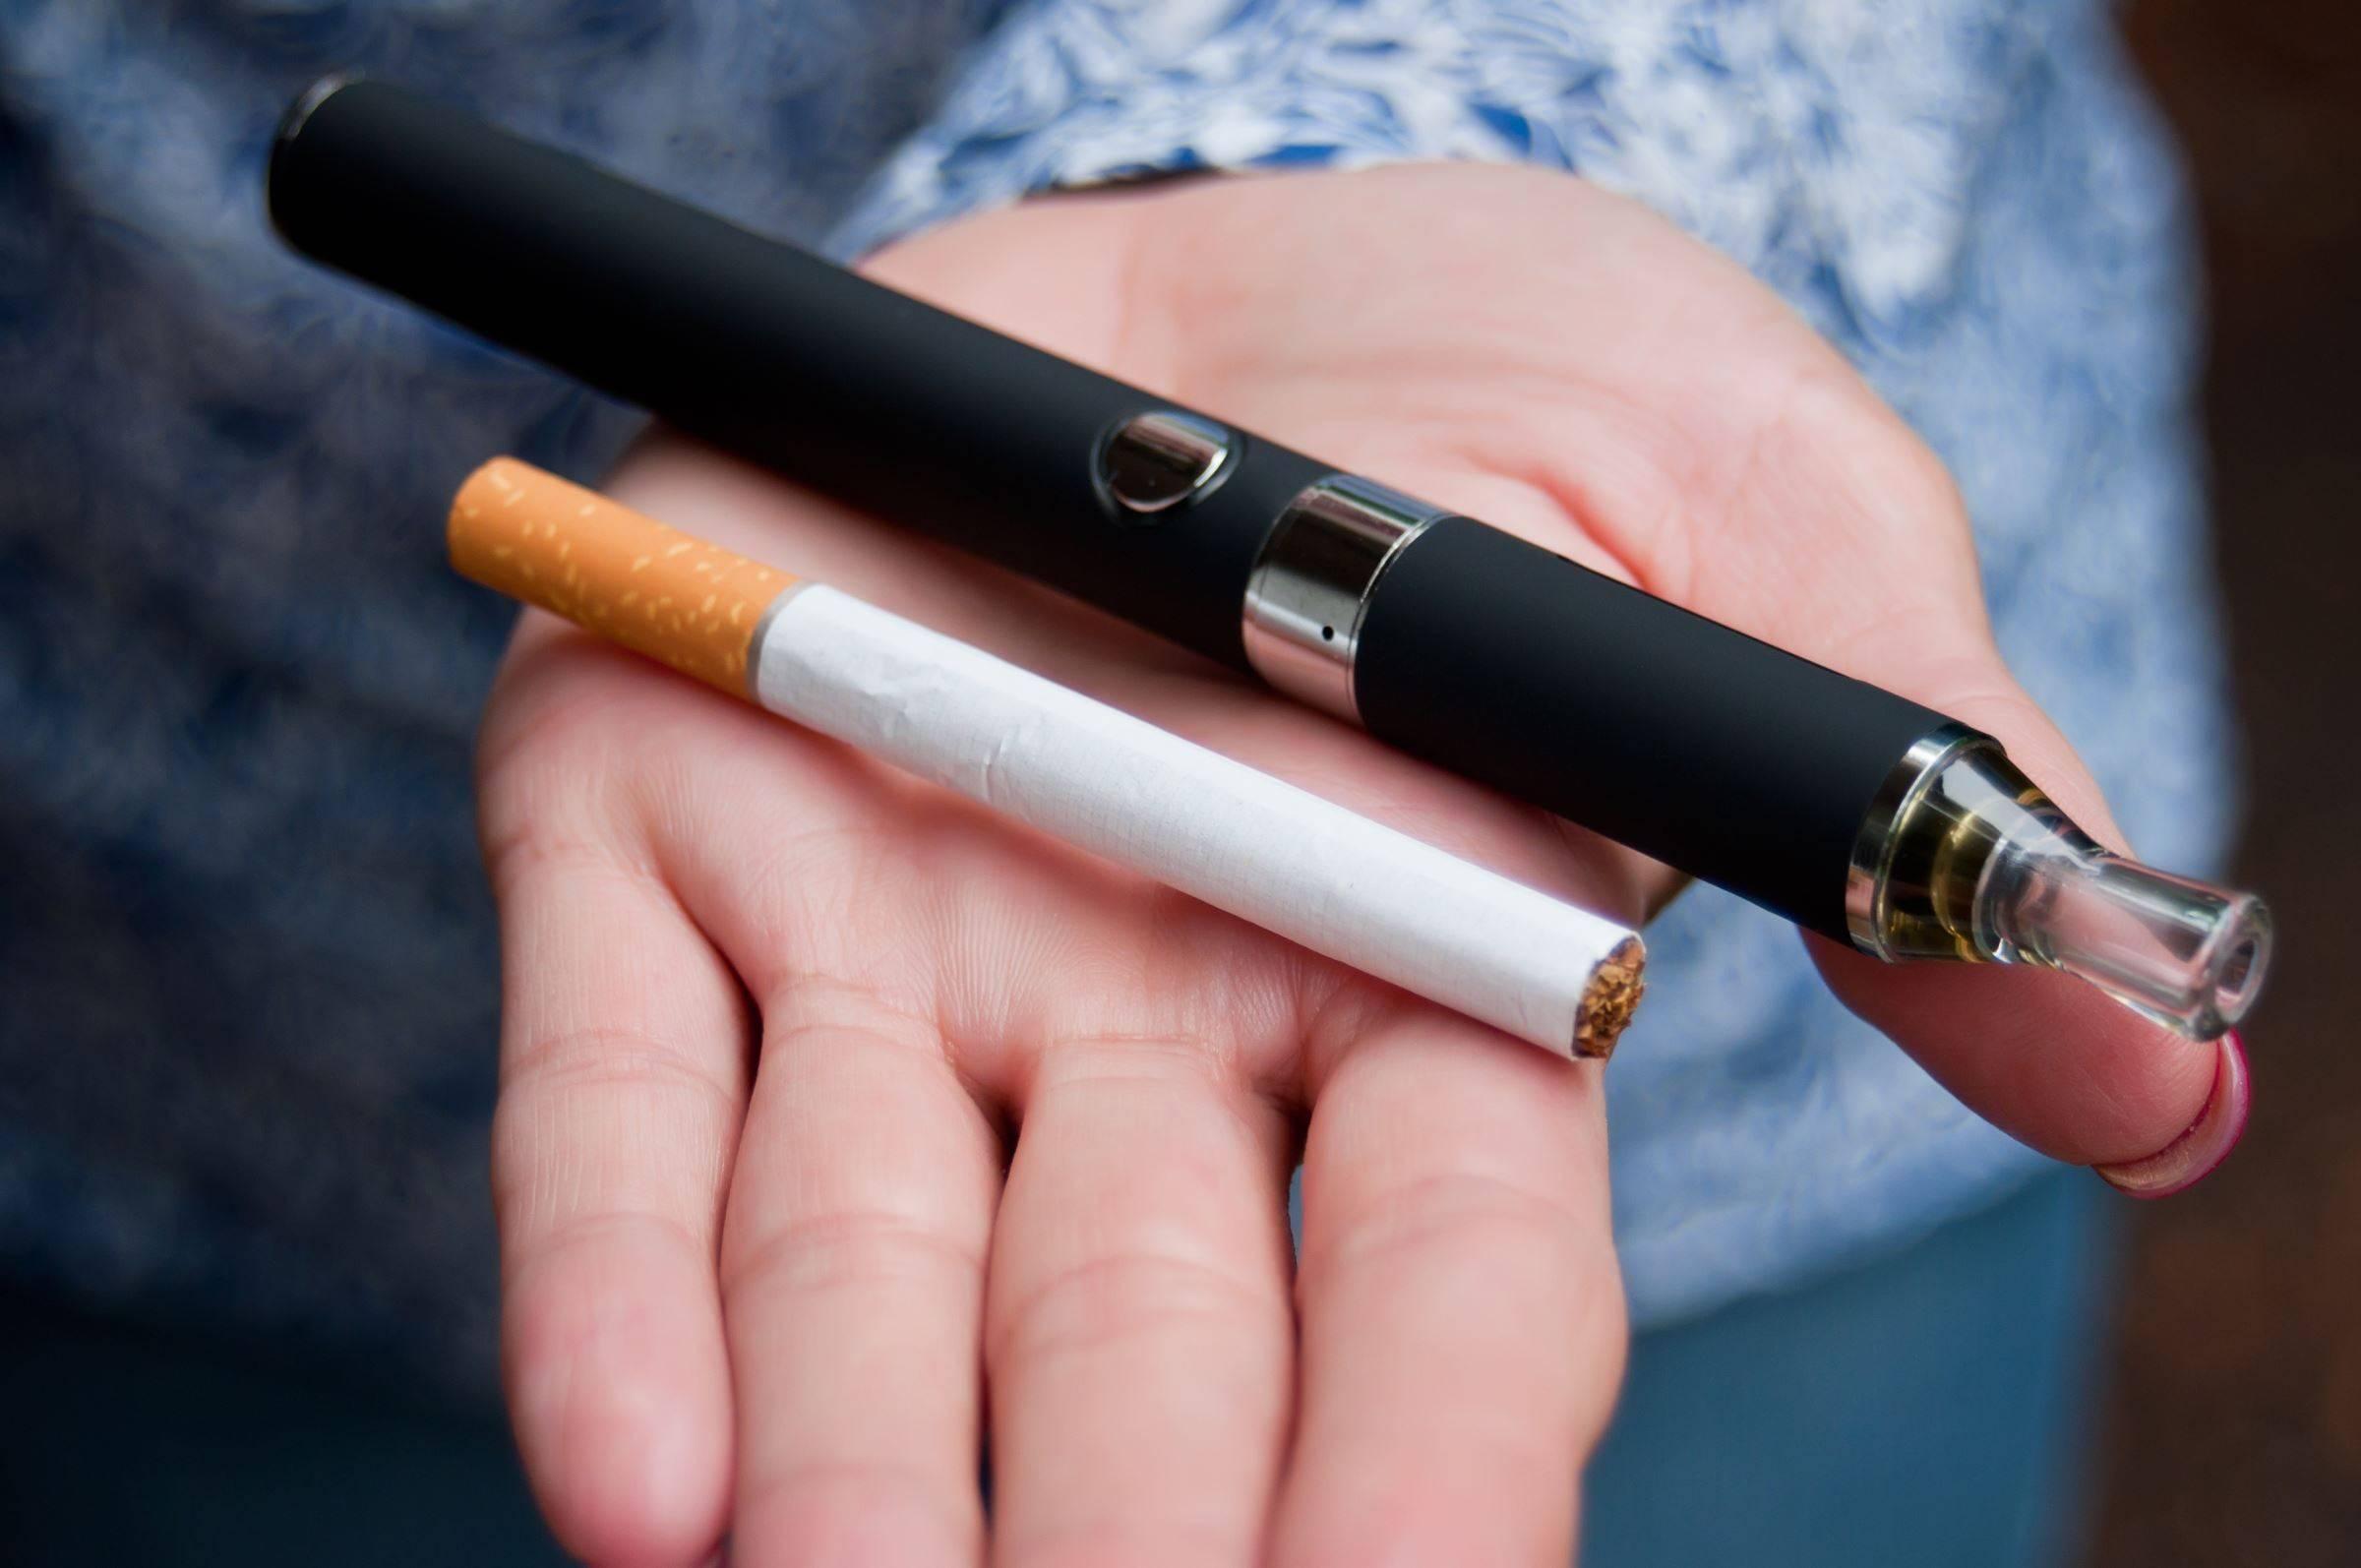 какую фирму электронных сигарет купить